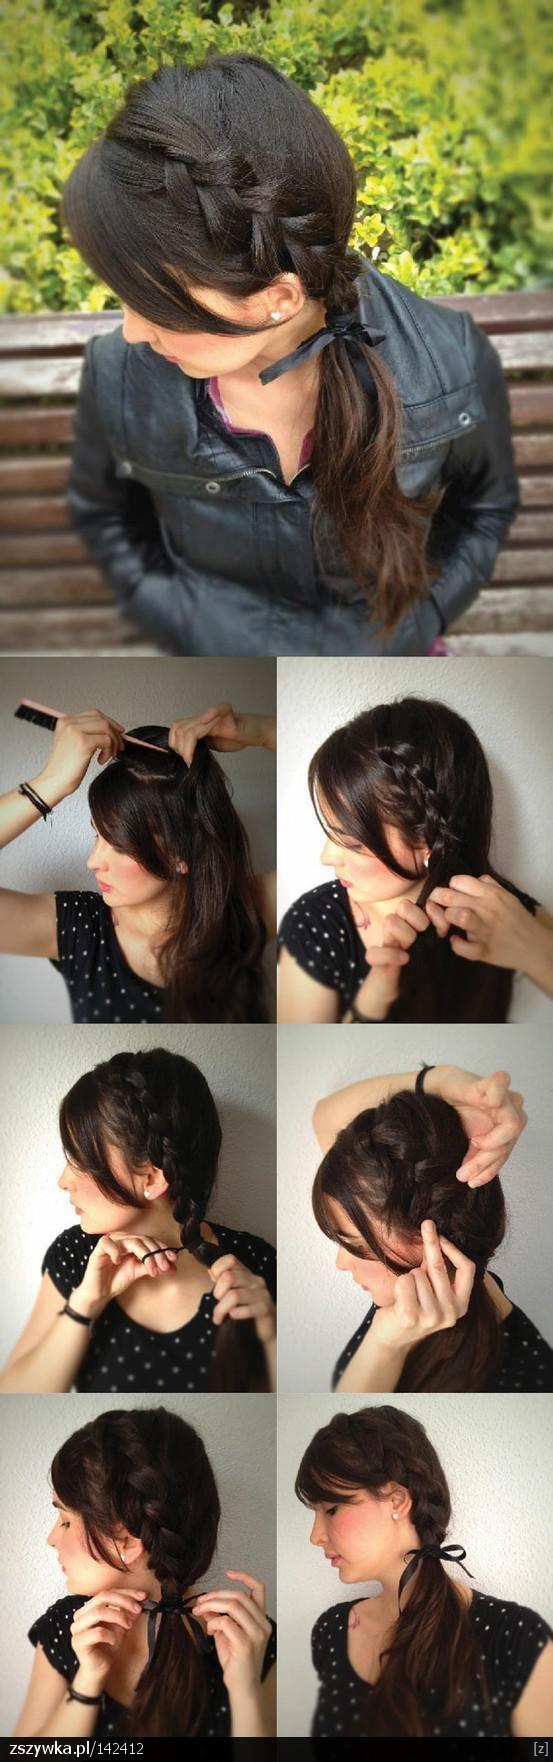 How to braided pony